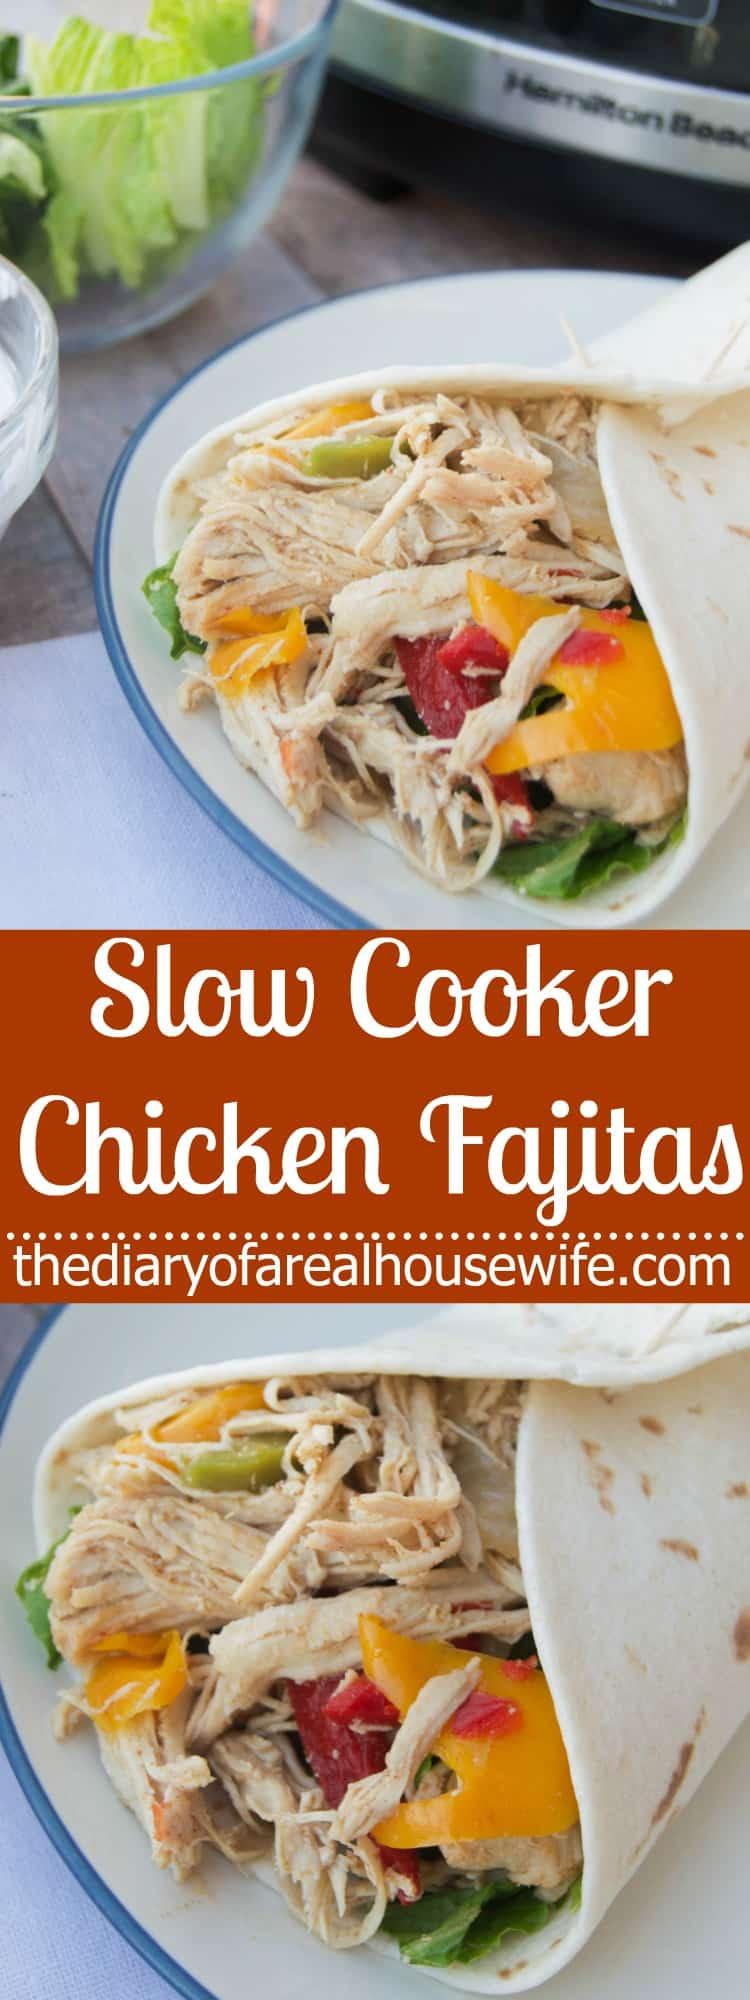 Slow Cooker Chicken Fajitas